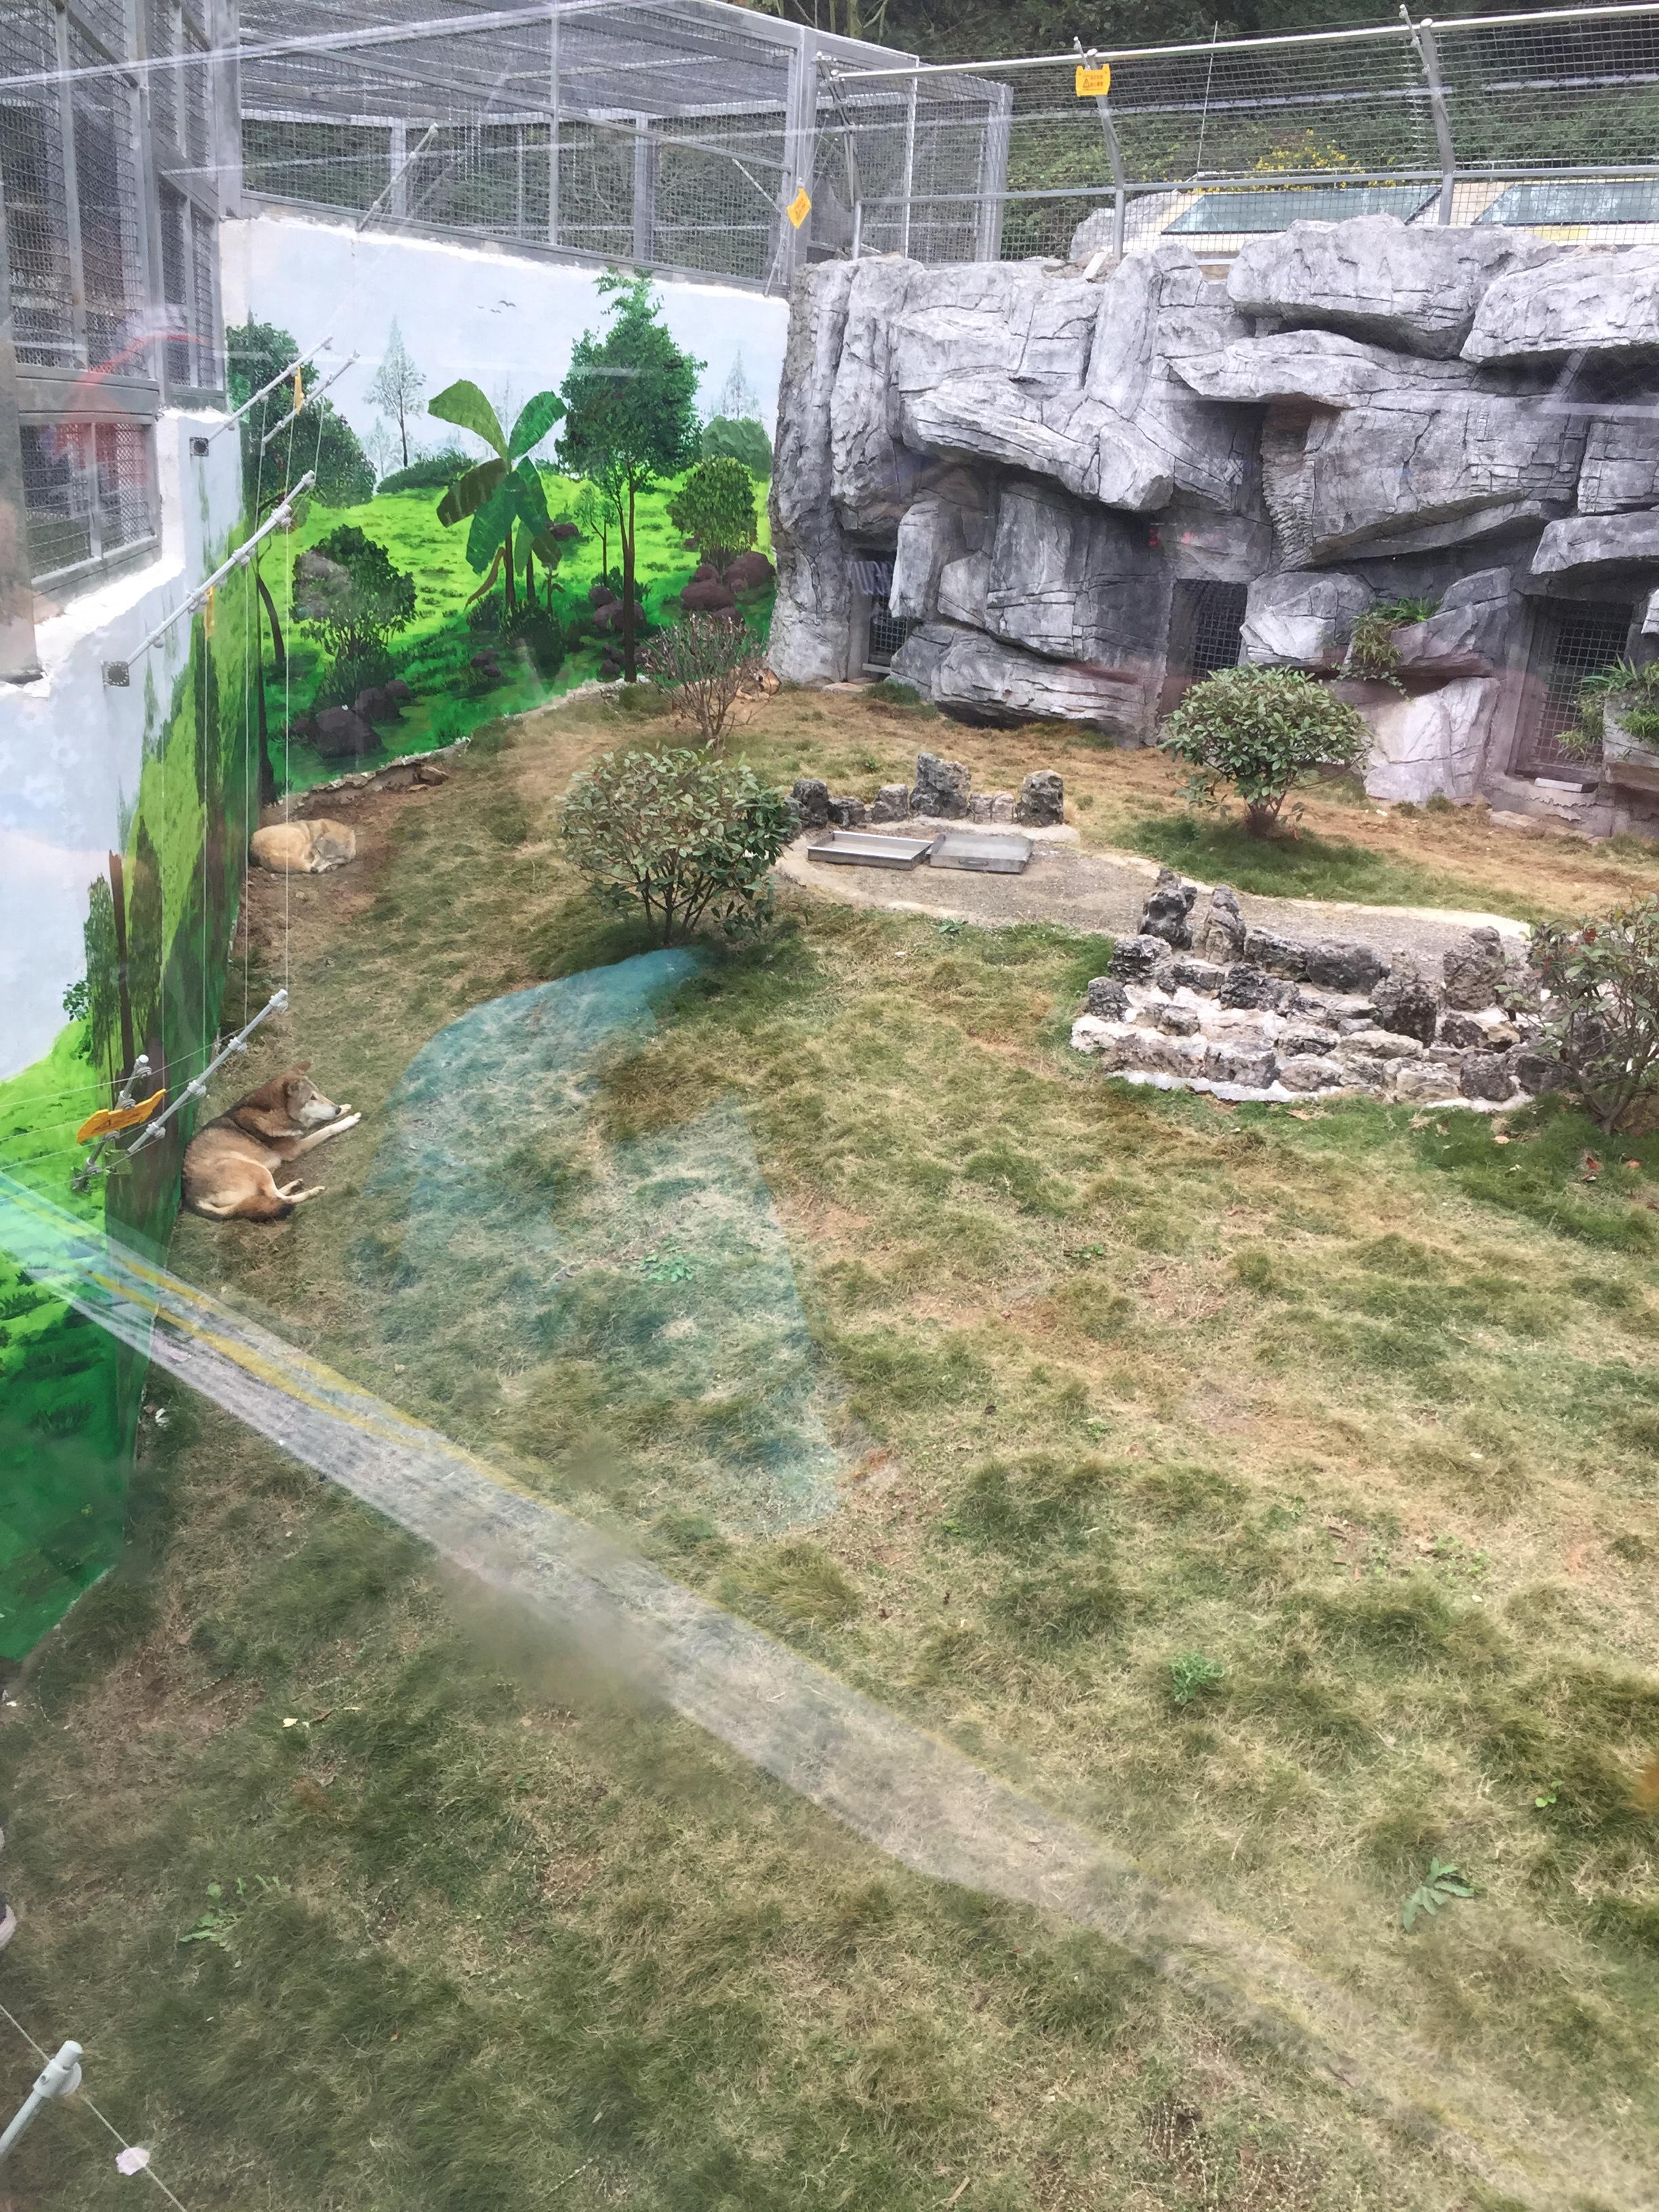 黔灵山公园是一座综合性的游览公园,建于1957年,位于贵阳市西北角,因素有黔南第一山之称的黔灵山而得名。黔灵公园是国家AAAA级旅游区,位于贵阳市中心区西北,是国内为数不多的大型综合性城市公园之一。因为贵阳得天独厚的地理环境,可以在城市的腹地有这么大的一片山,真的是上天给这座城市的馈赠。目前黔灵山公园的门票仅需5元,别以为这里就是普普通通的城市公园,以为花了门票钱是冤枉钱。其实,我刚买票进来也是这么想的,可是等你亲身走进来才发觉真的很值。&#x